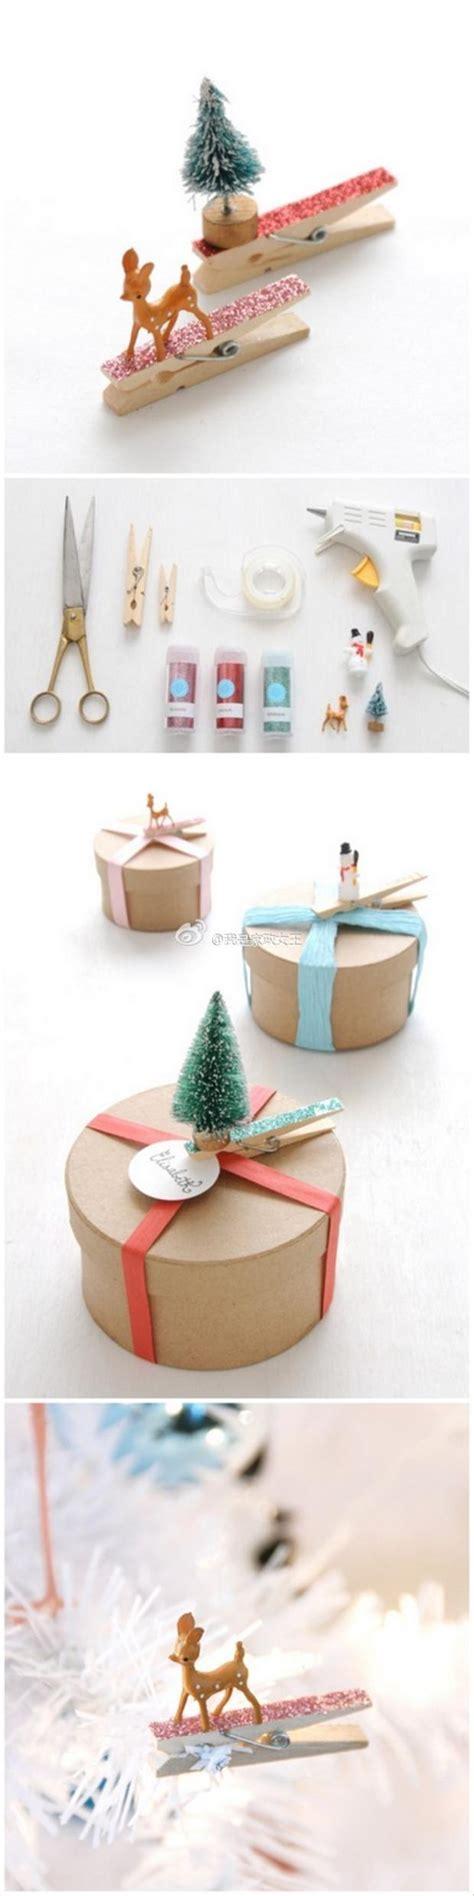 christmas craft ideas 20 dump a day